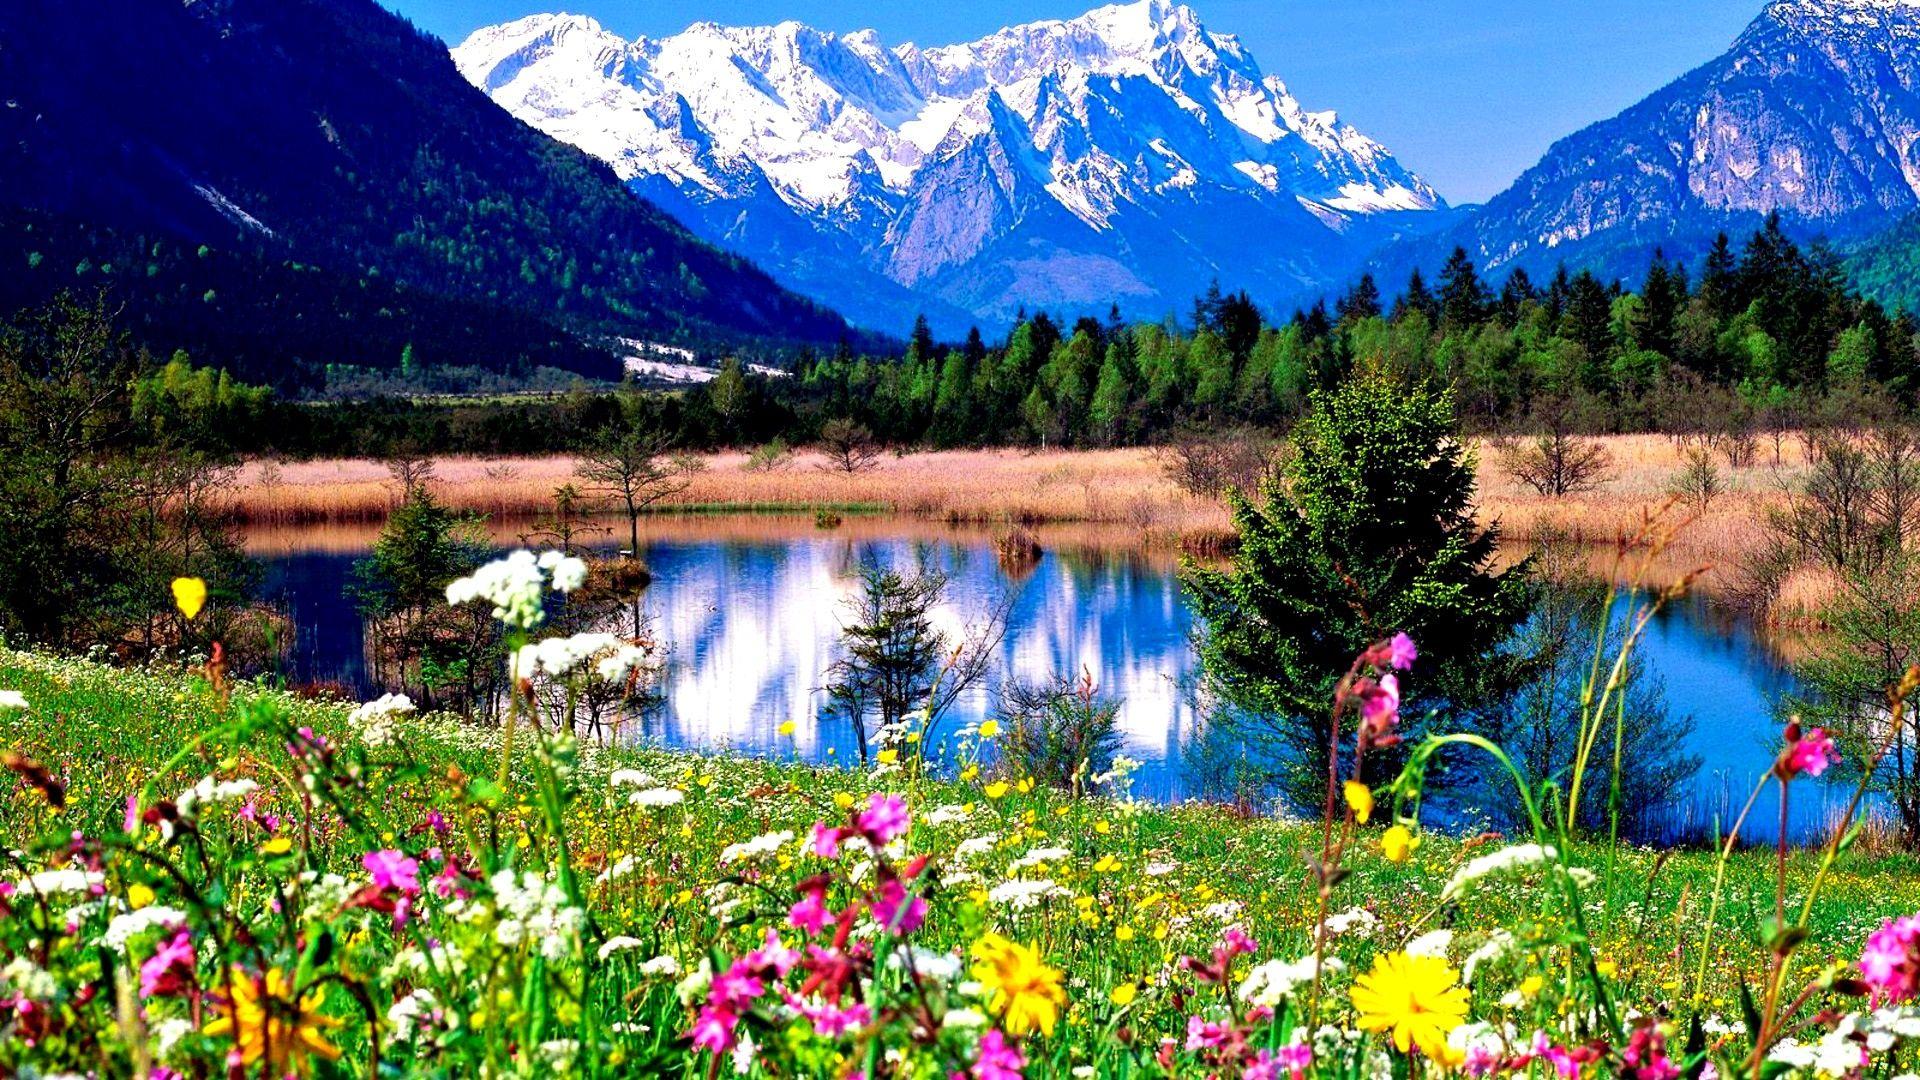 Красивые картинки природы пейзажи весны